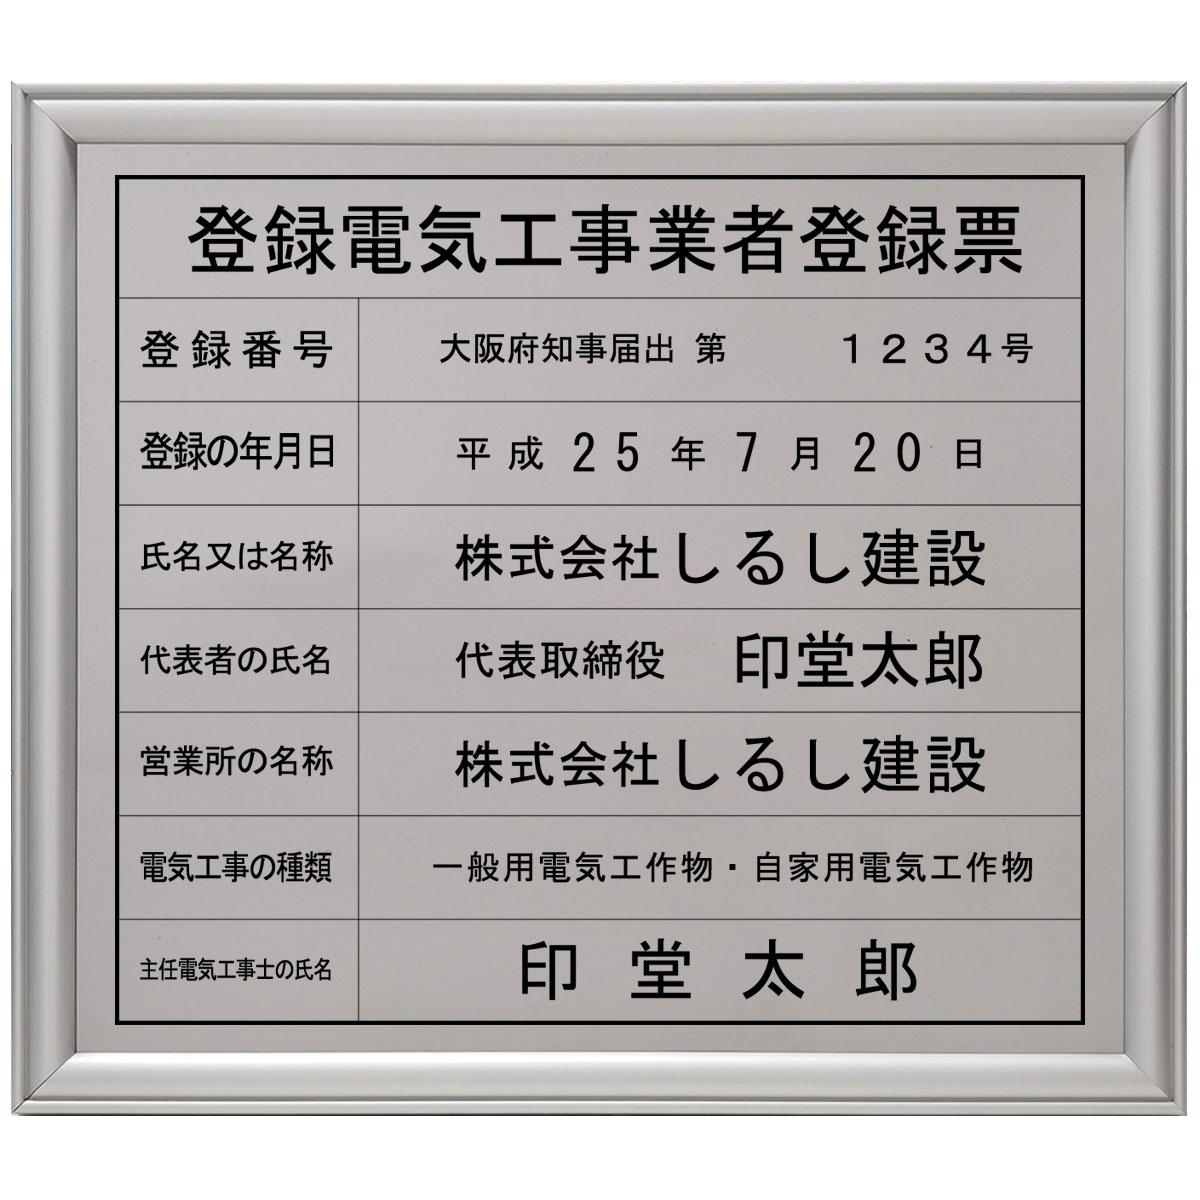 画像1: 登録電気工事業者登録票ステンレス(SUS304)製プレミアムシルバー (1)